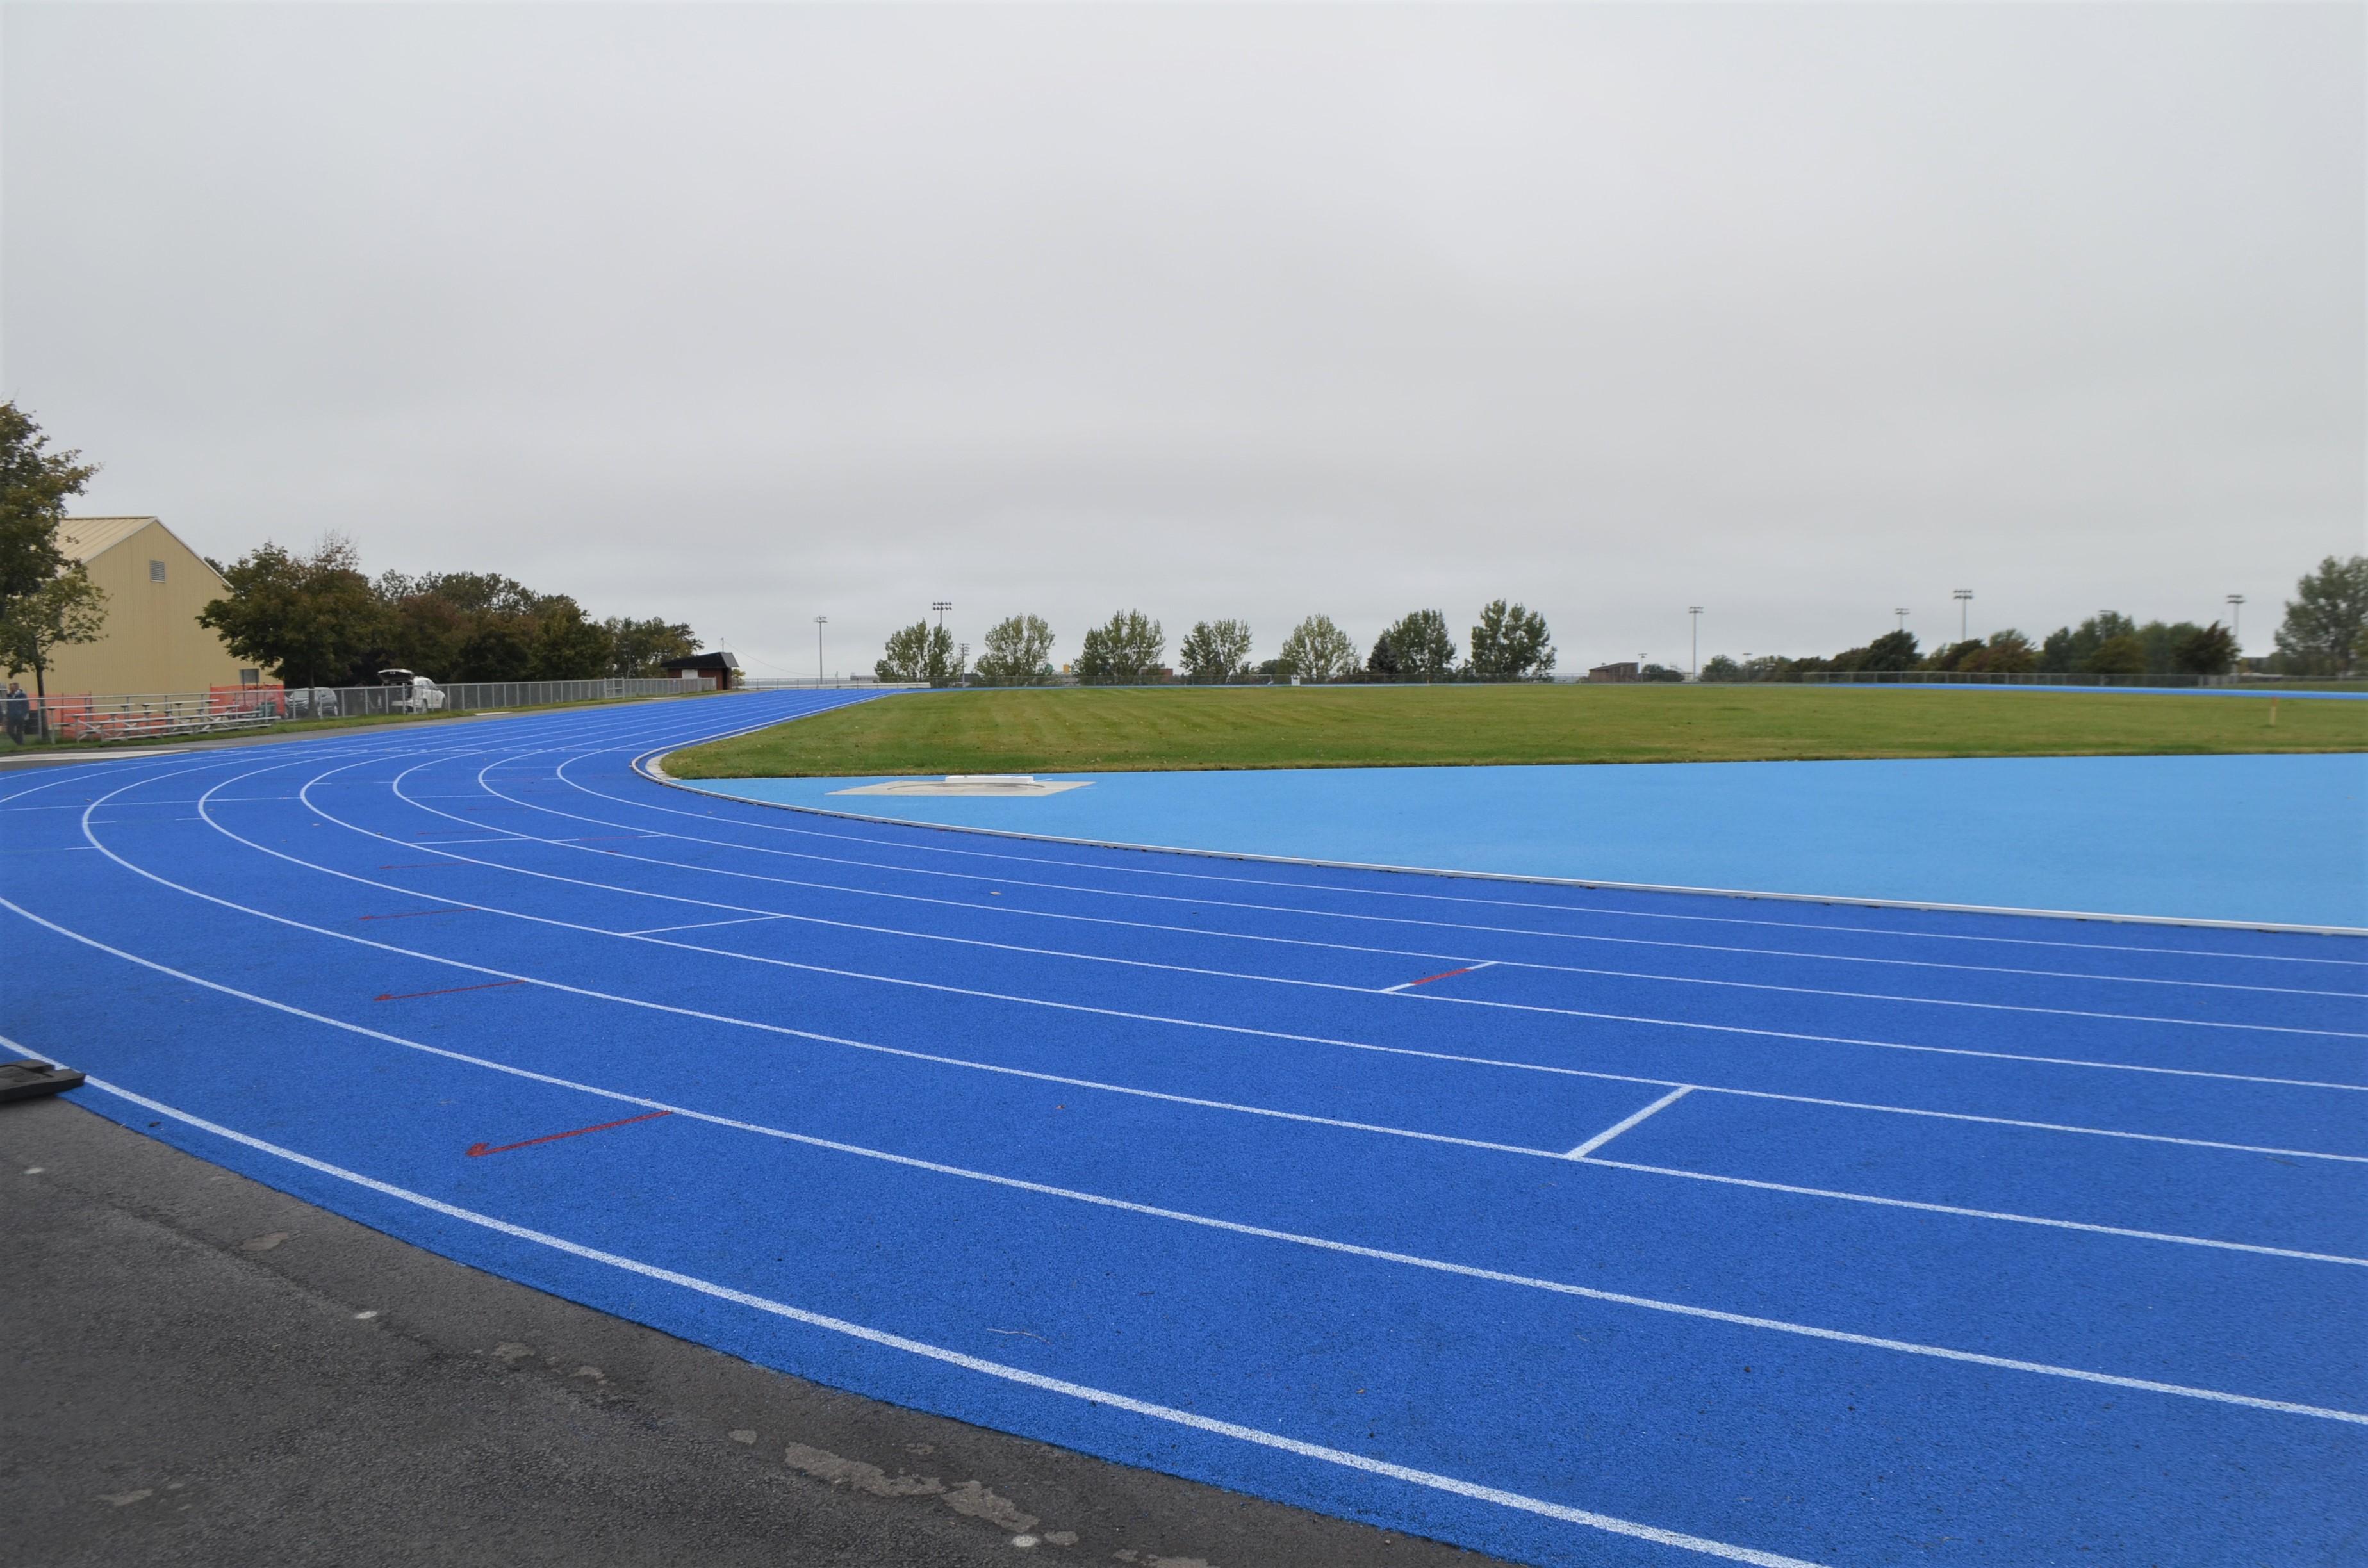 La piste d'athlétisme du complexe Guillaume-Leblanc reconstruite.